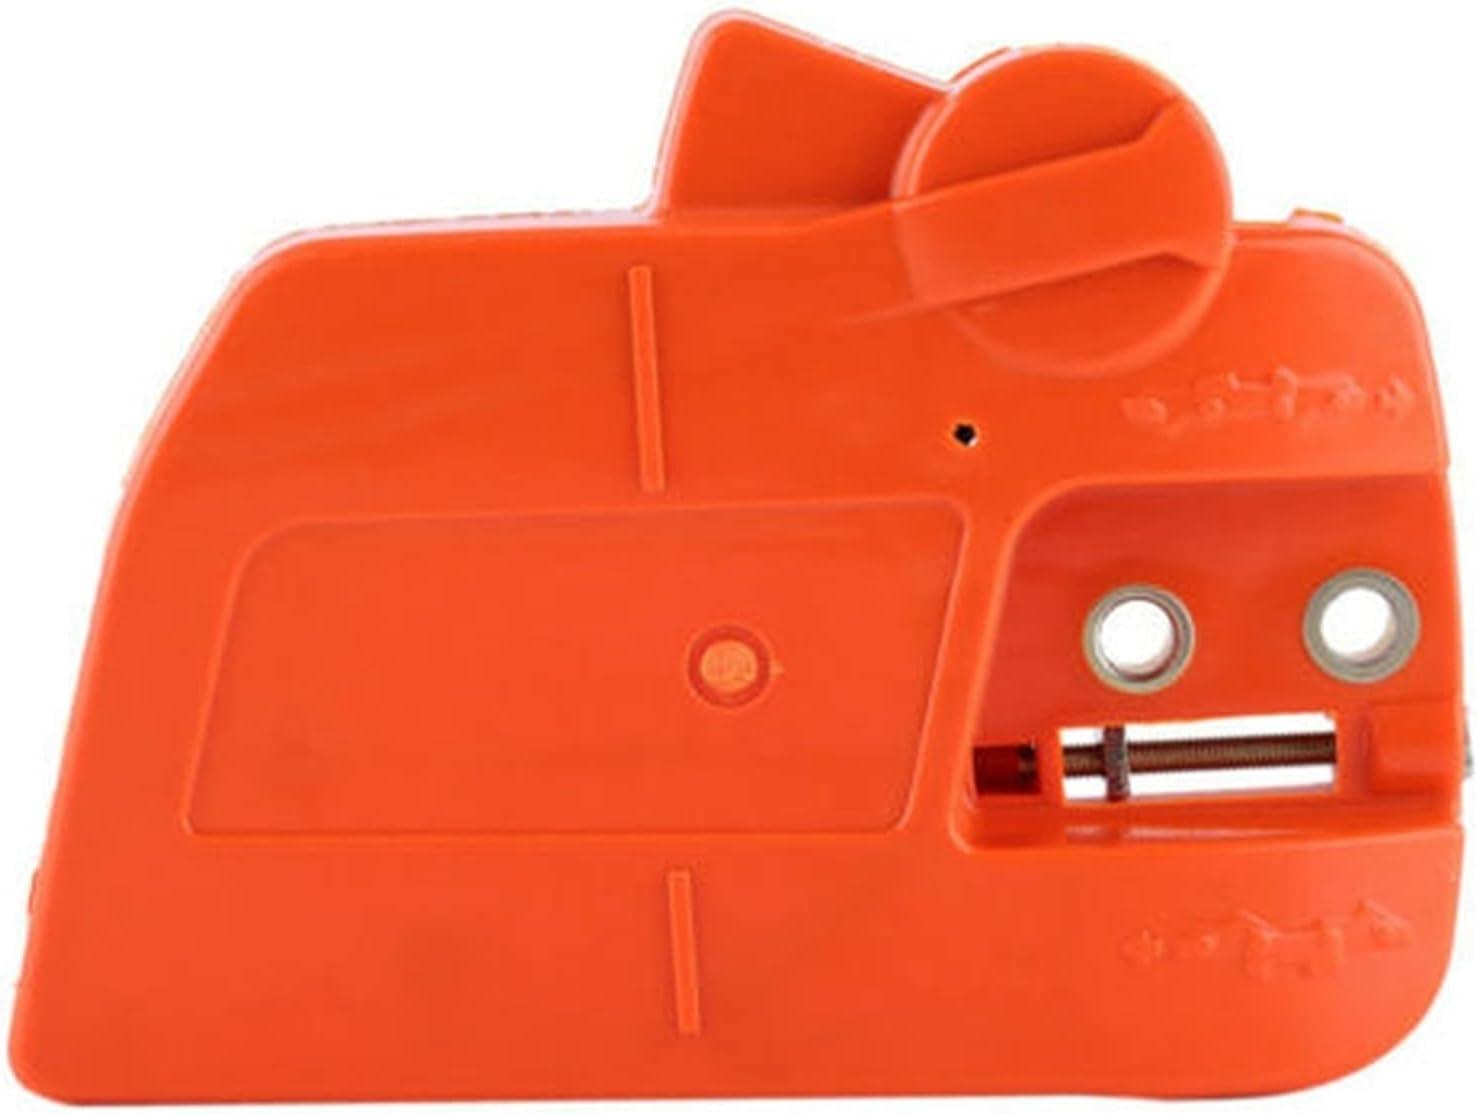 CFDYKRP Asamblea de Freno de Cadena de Cobertura de Cobertura de Piezas de Motosierra para Husqvarna 235 235E 236 240 Suministros de jardín de la Motosierra (Color : Orange)